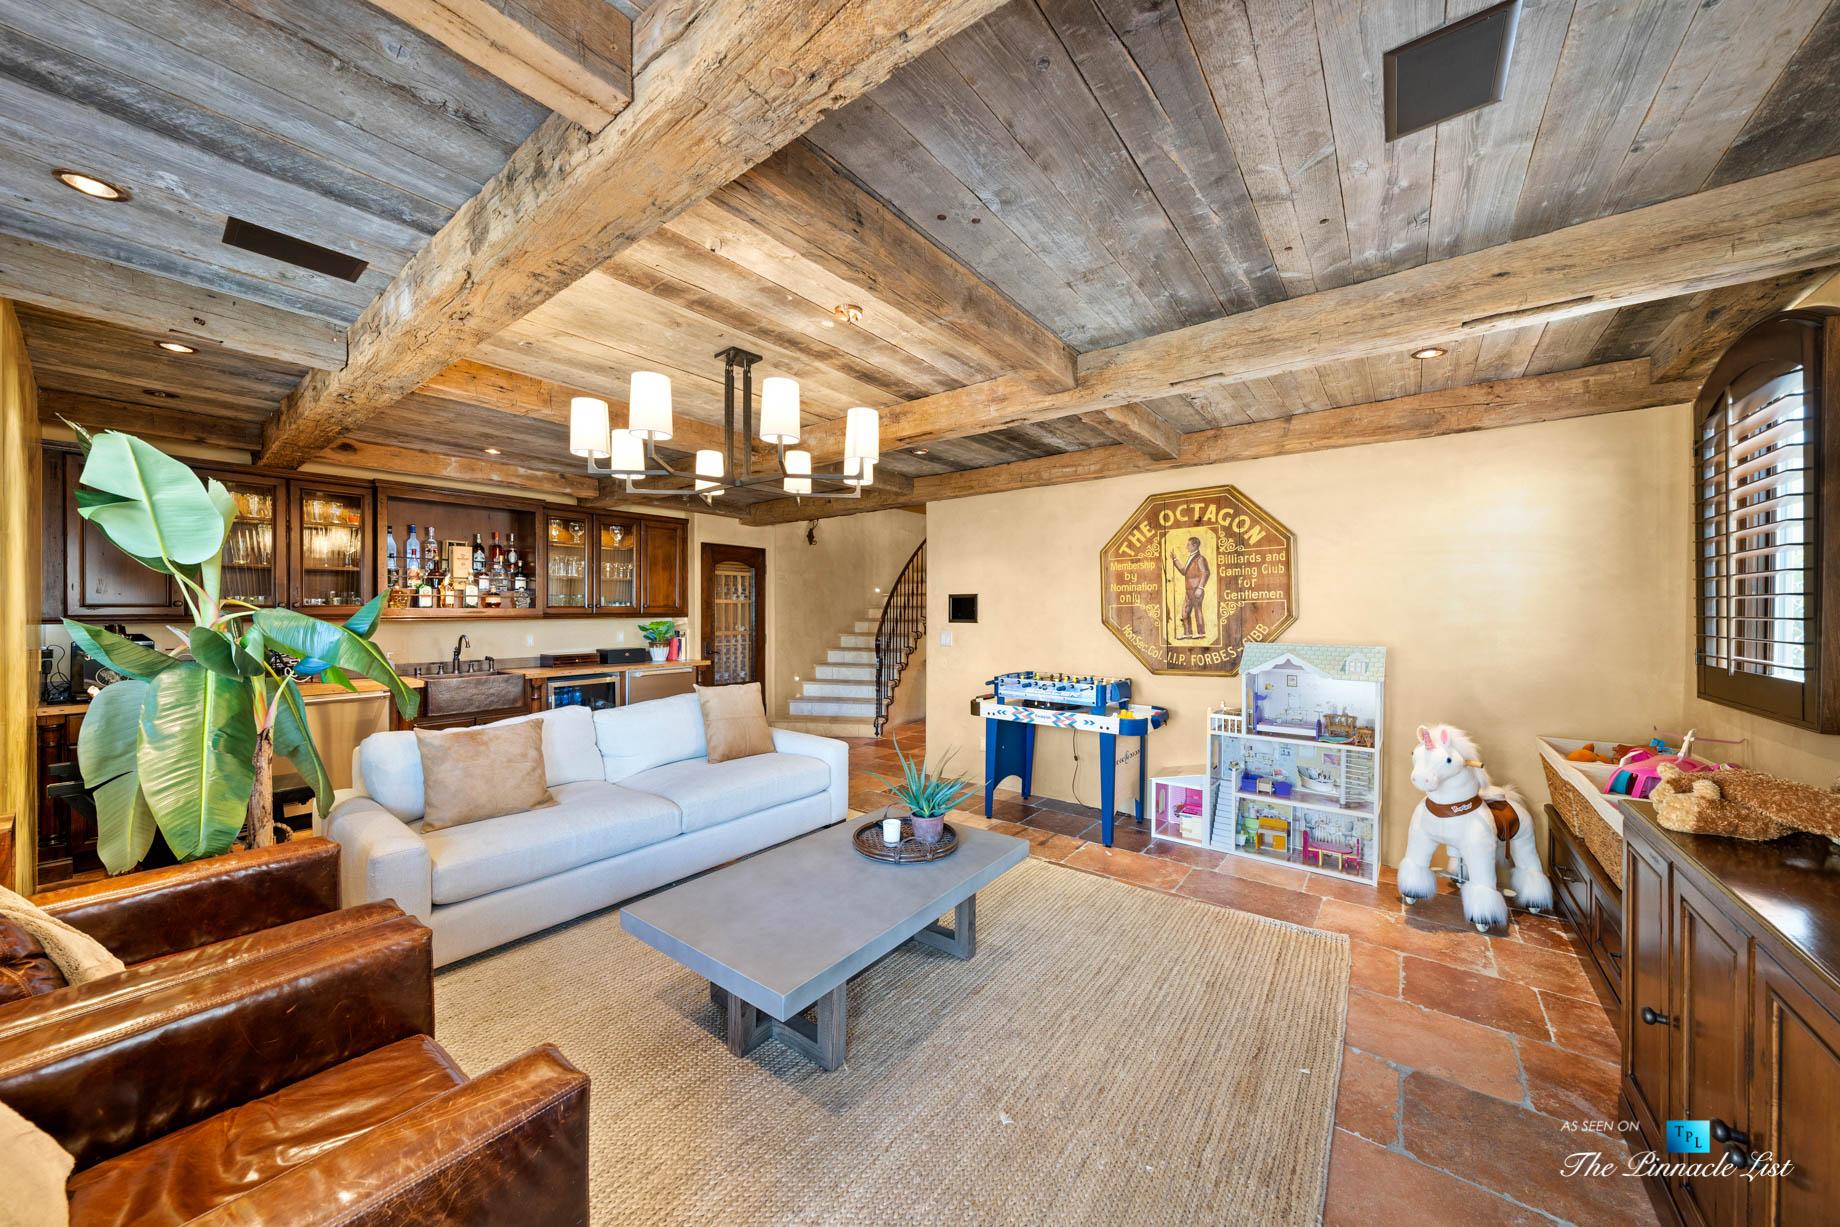 216 7th St, Manhattan Beach, CA, USA - Luxury Real Estate - Coastal Villa Home - Recreation Room Bar